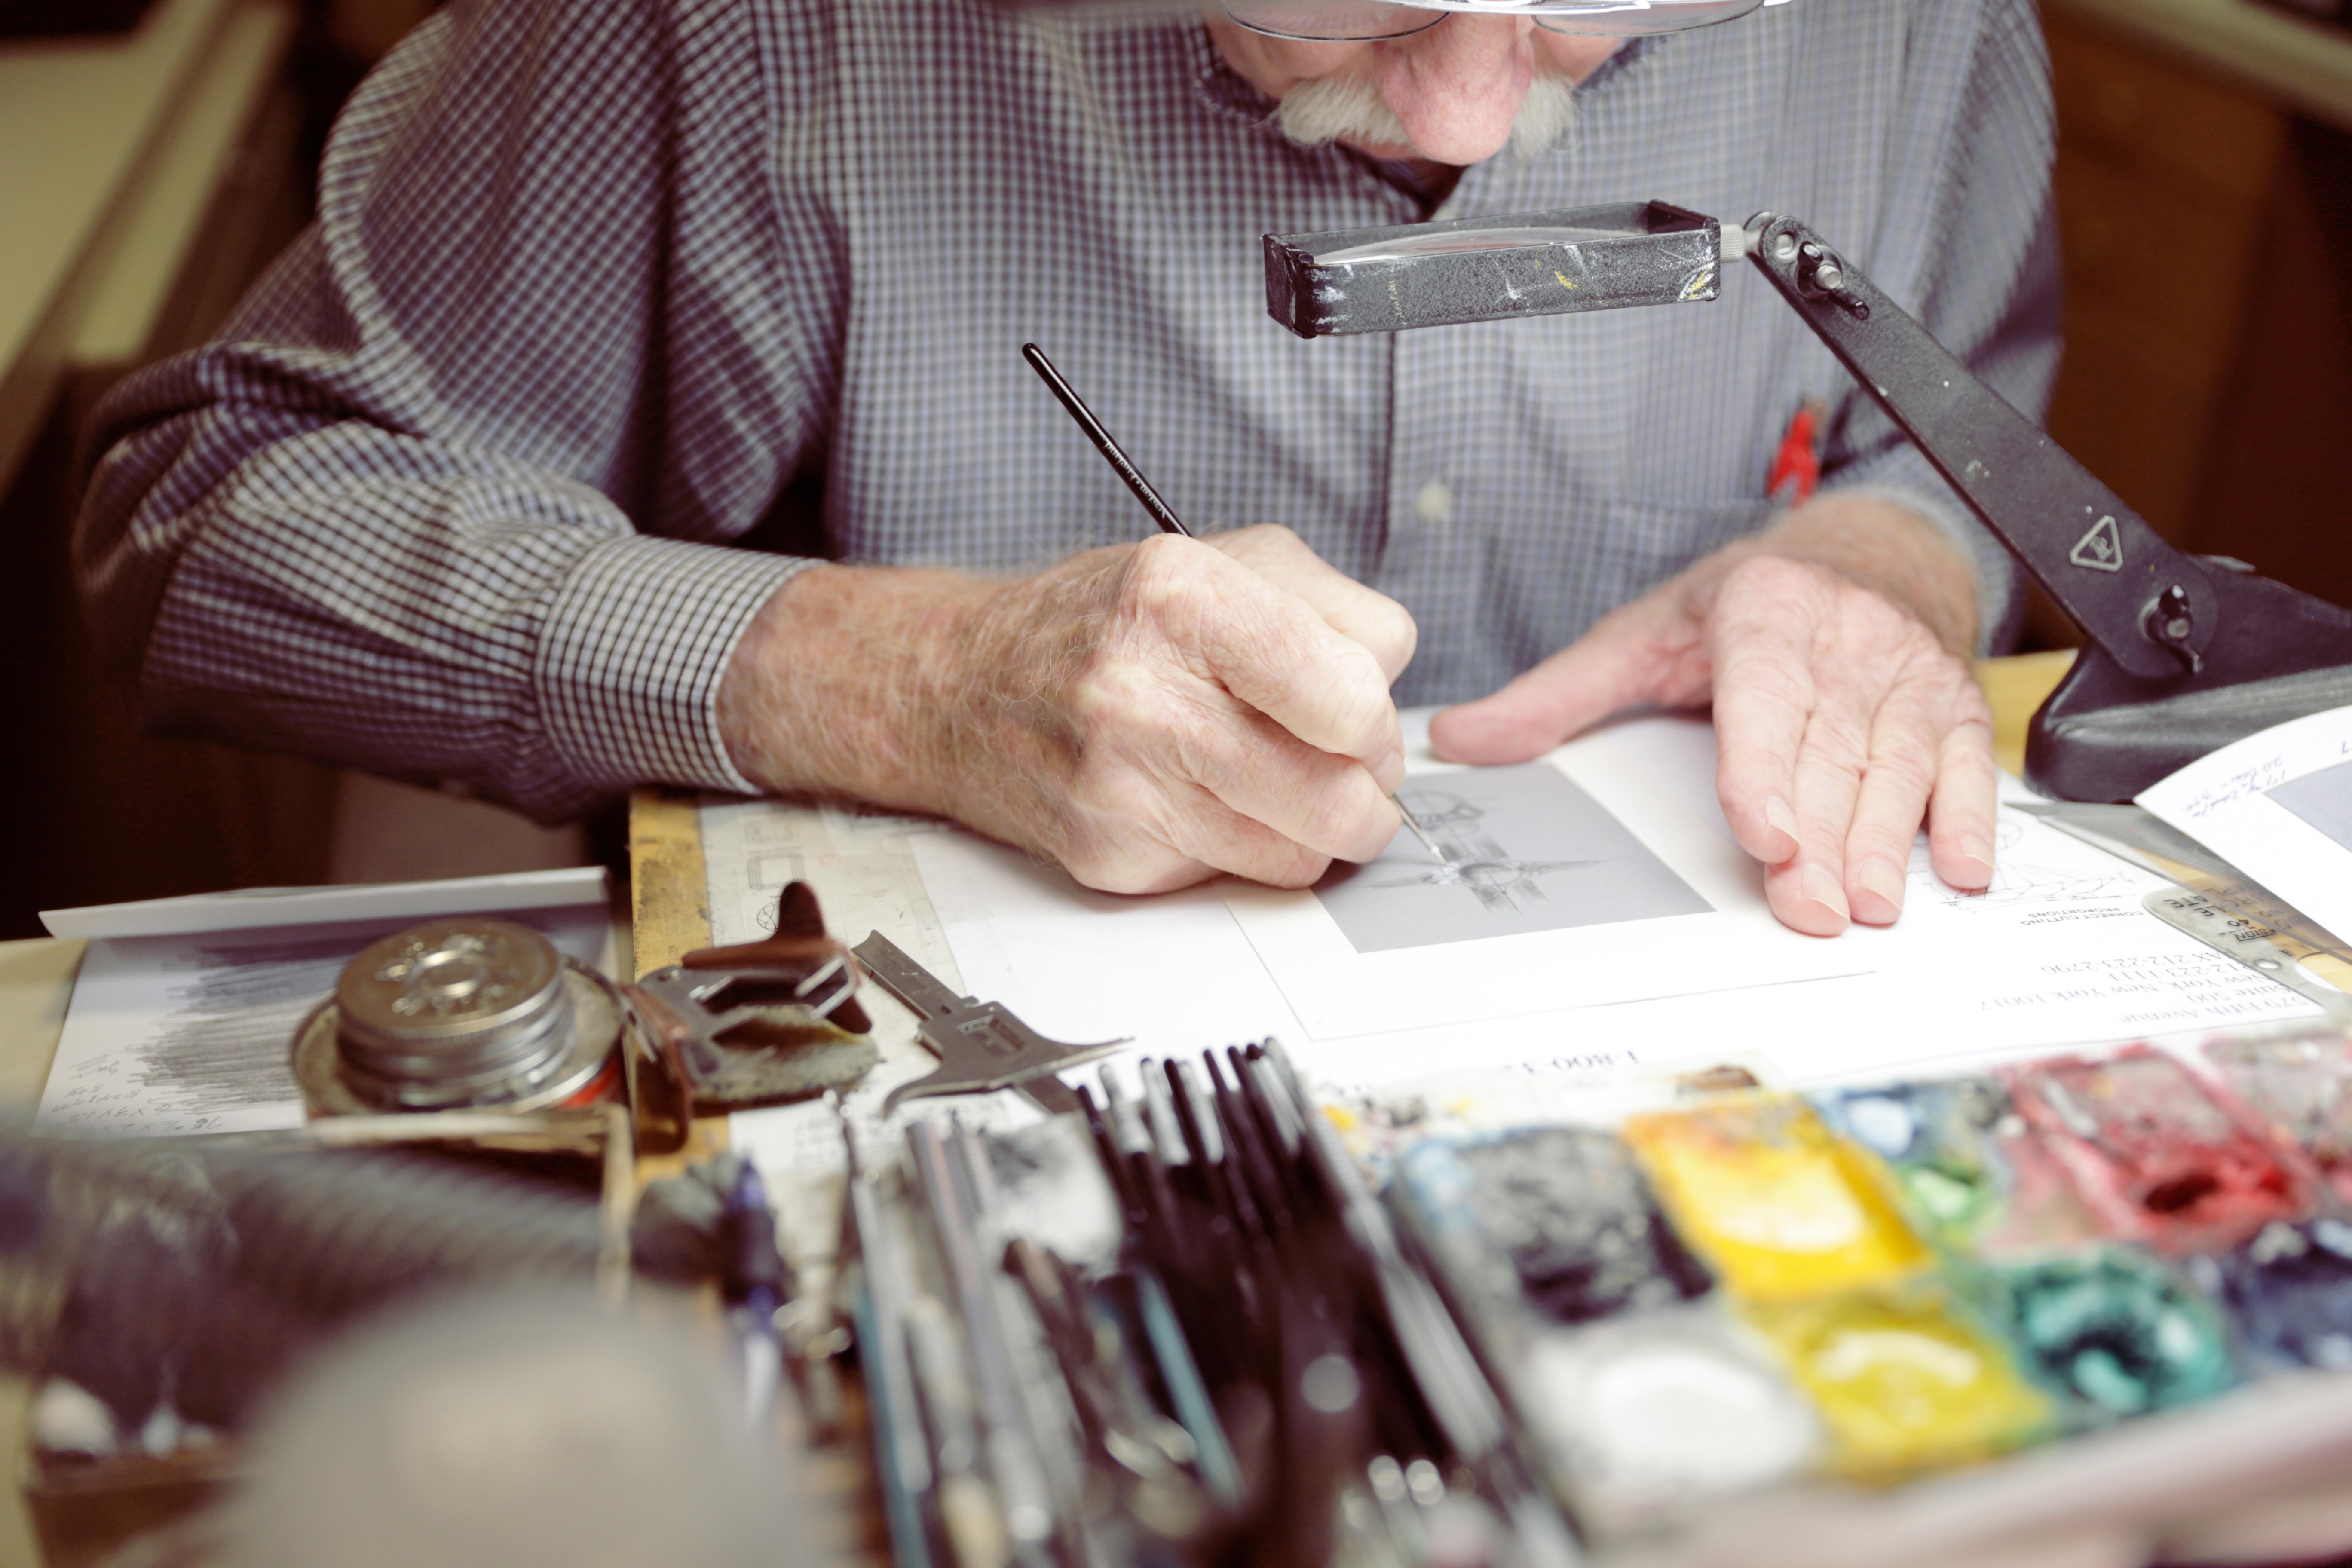 Designer Sam Ziegler sketching a custom design.